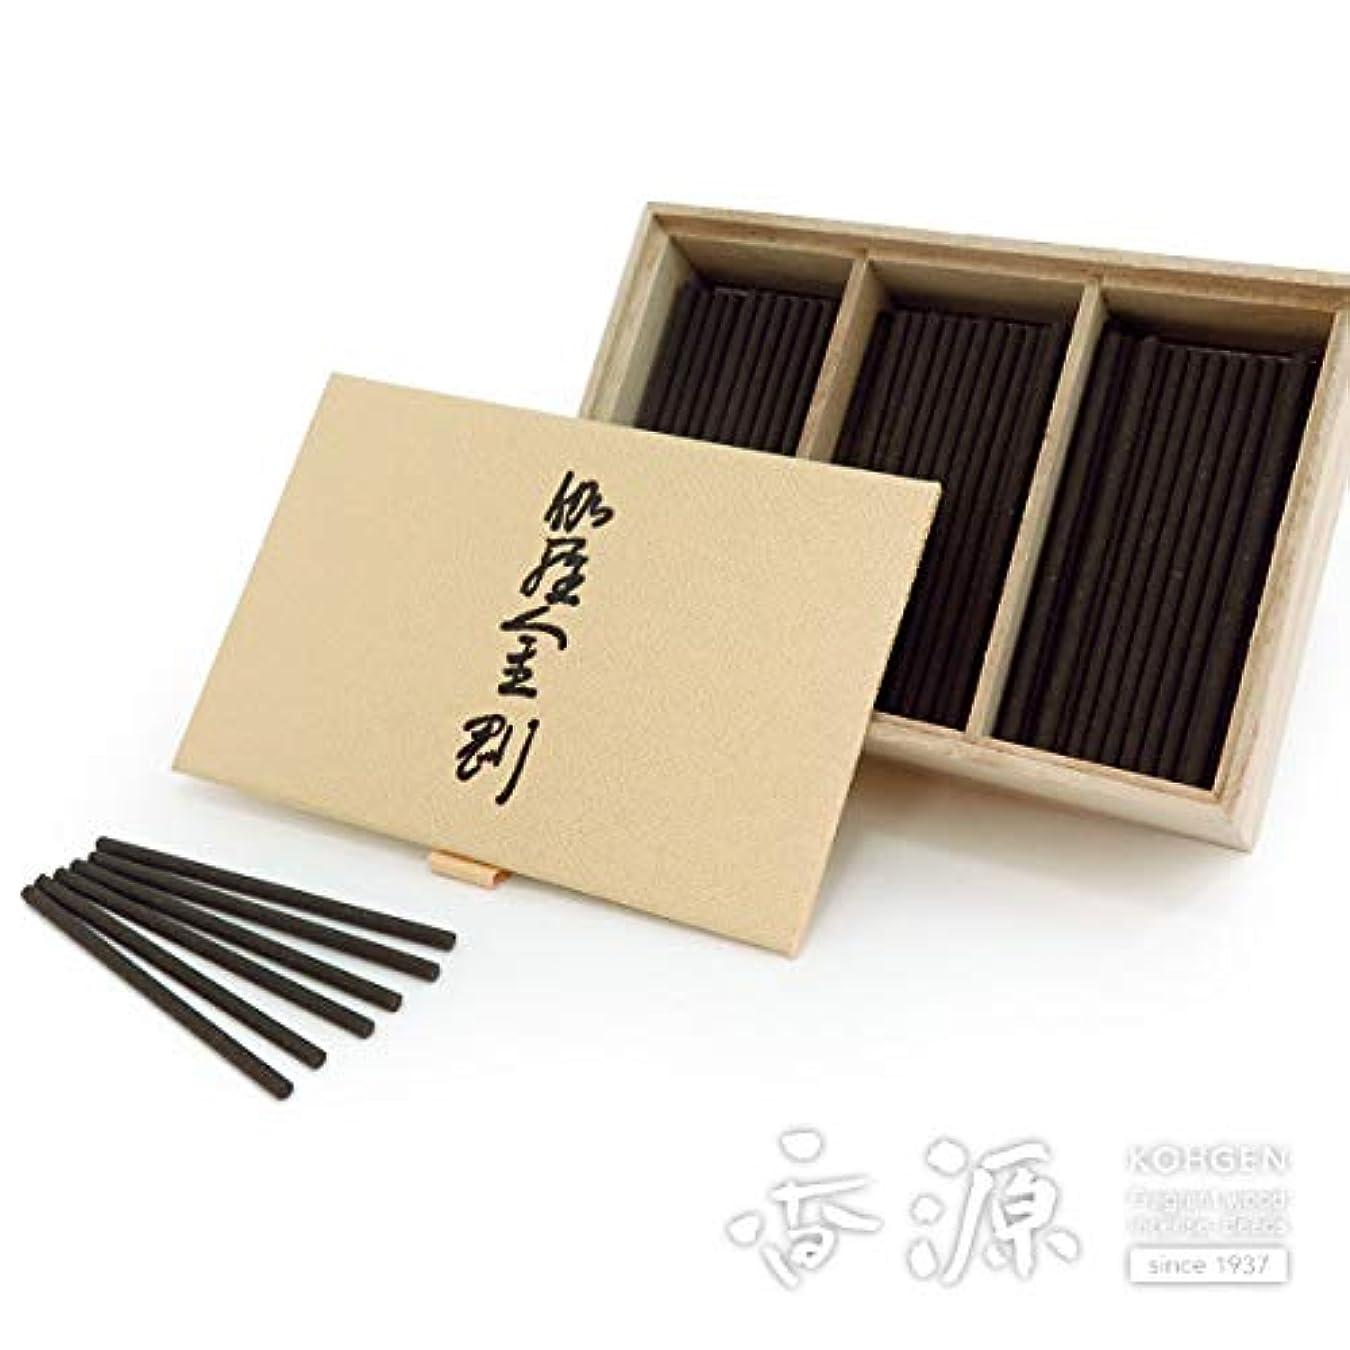 コンセンサスページェントコンパス日本香堂のお香 伽羅金剛 スティックミニ寸お徳用 150本入り